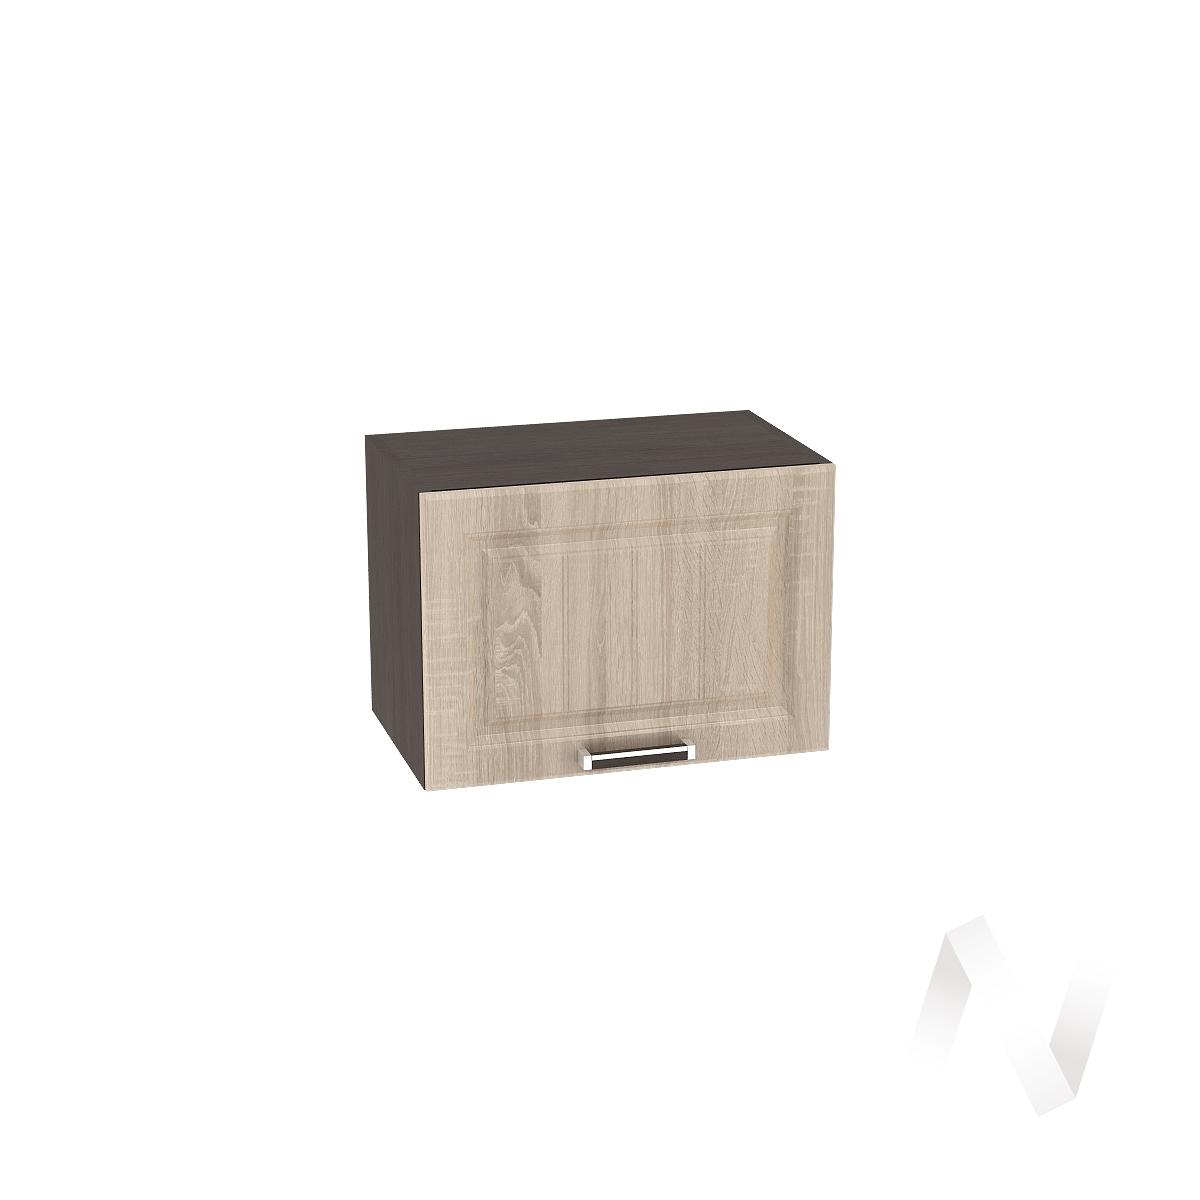 """Кухня """"Прага"""": Шкаф верхний горизонтальный 500, ШВГ 500 (дуб сонома/корпус венге)"""